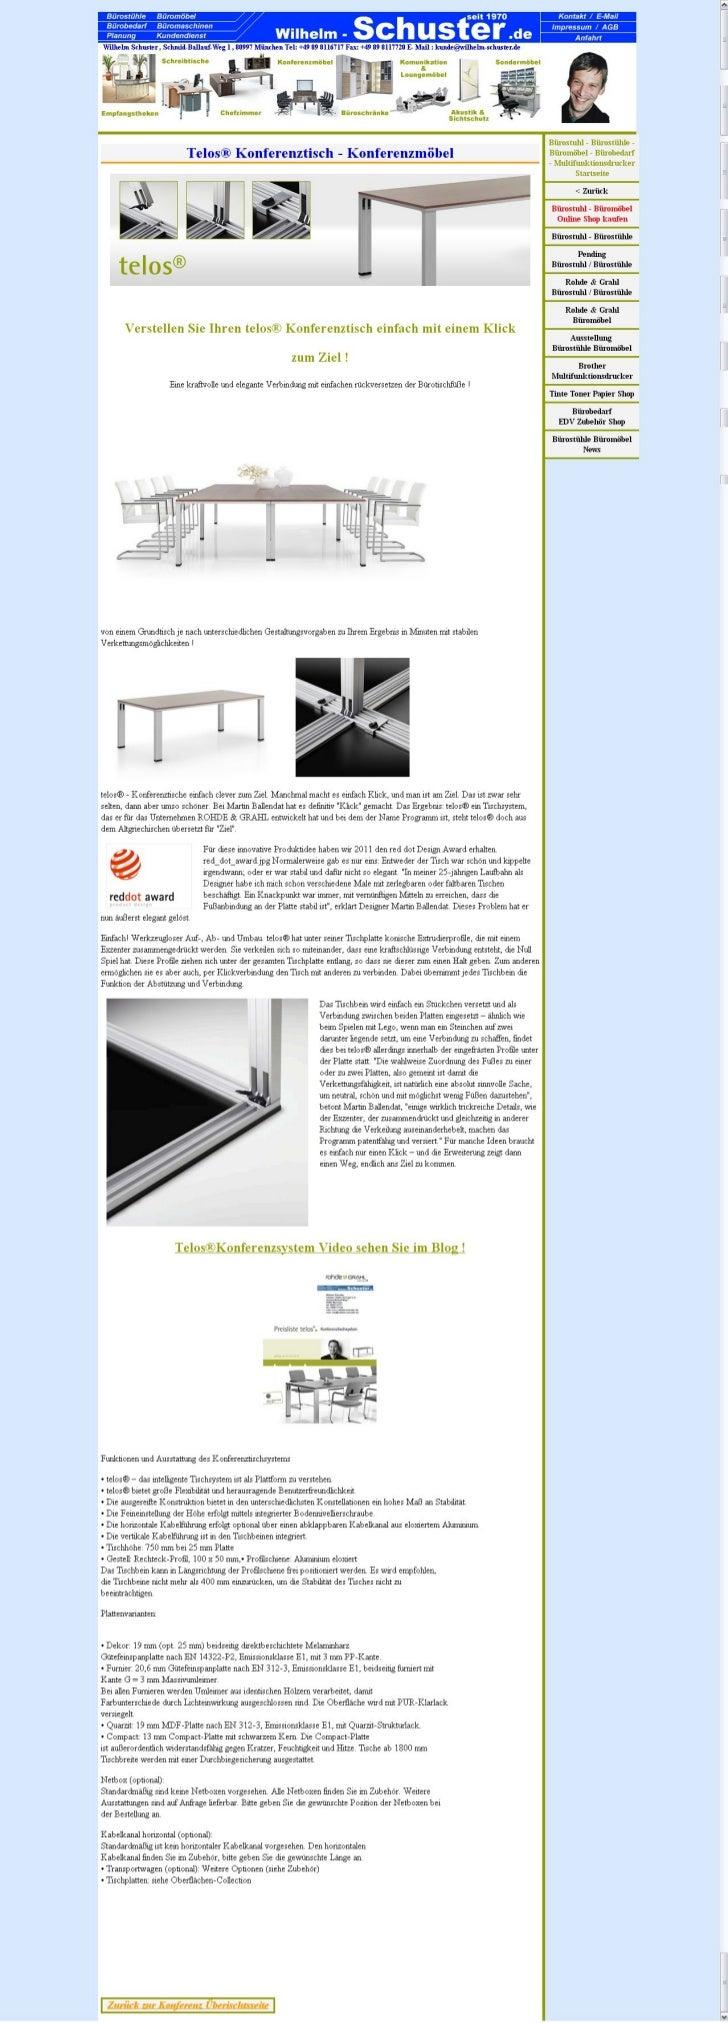 Konferenzmöbel, Telos Konferenztisch